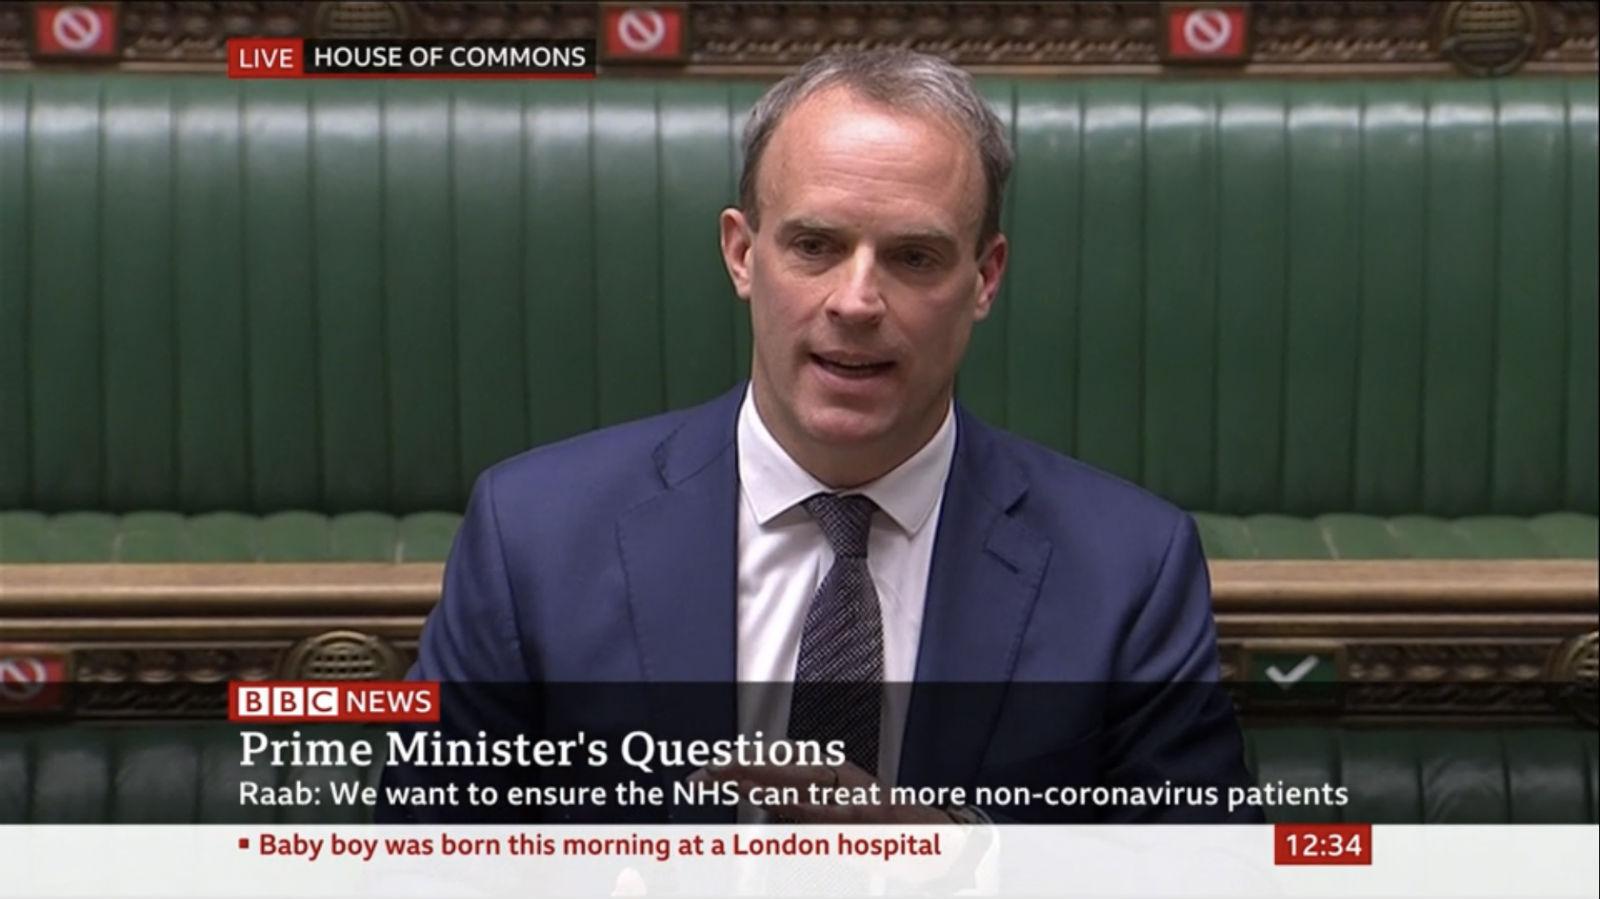 英国政府科学顾问警告称新冠疫情仍极可能呈指数级增长 如何科学防控疫情